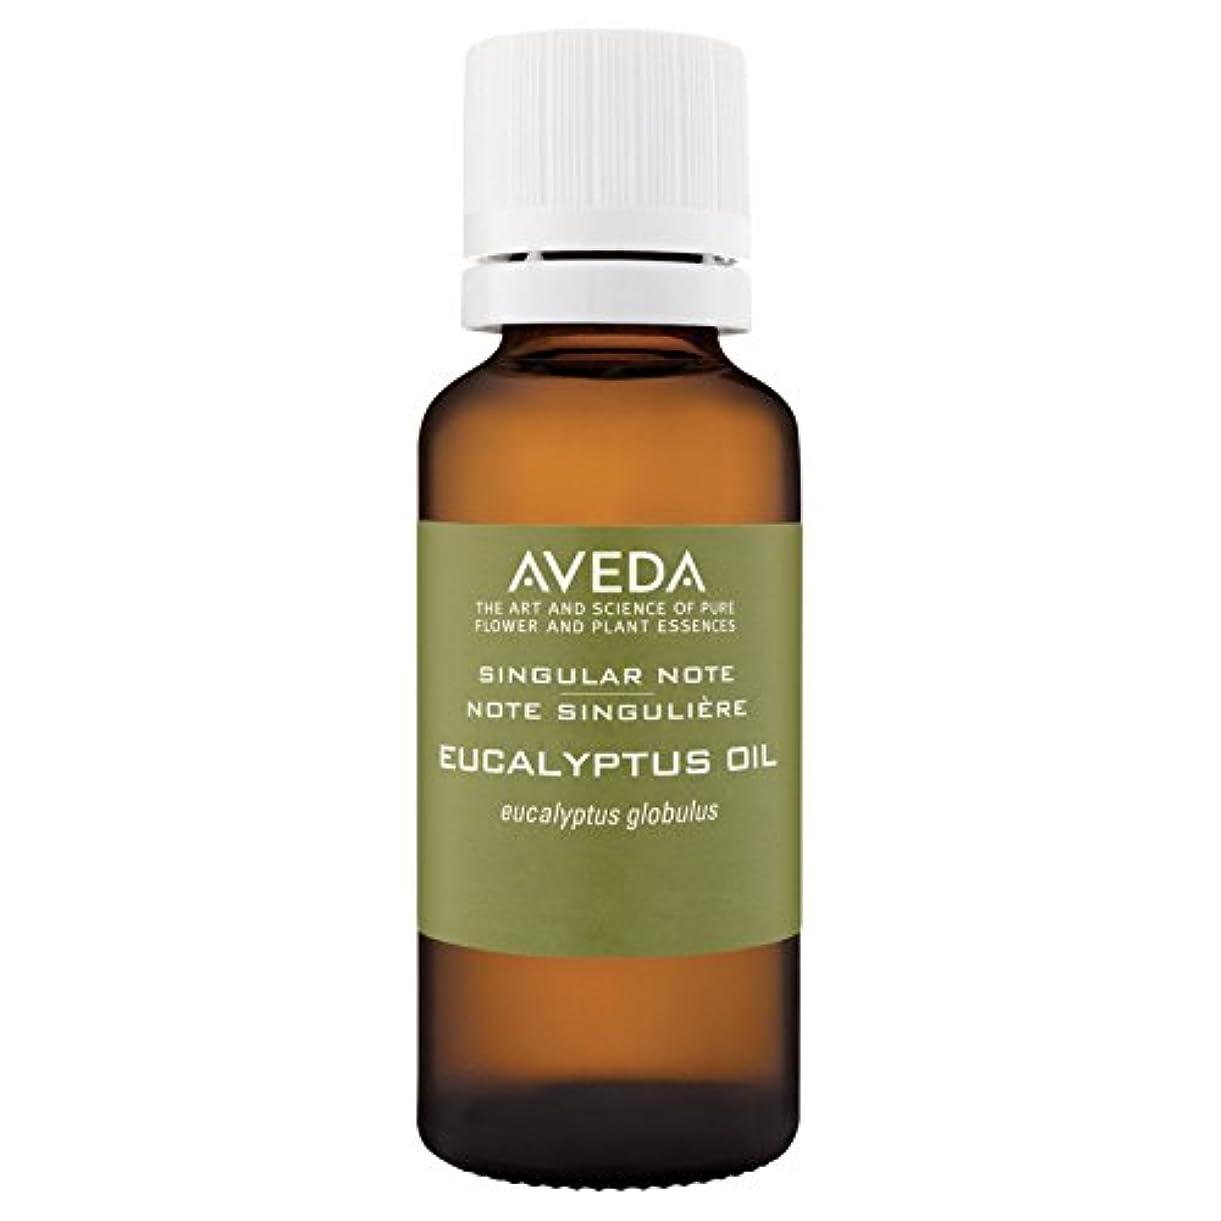 絞る非効率的なびっくり[AVEDA] アヴェダ特異ノートユーカリオイル30ミリリットル - Aveda Singular Notes Eucalyptus Oil 30ml [並行輸入品]